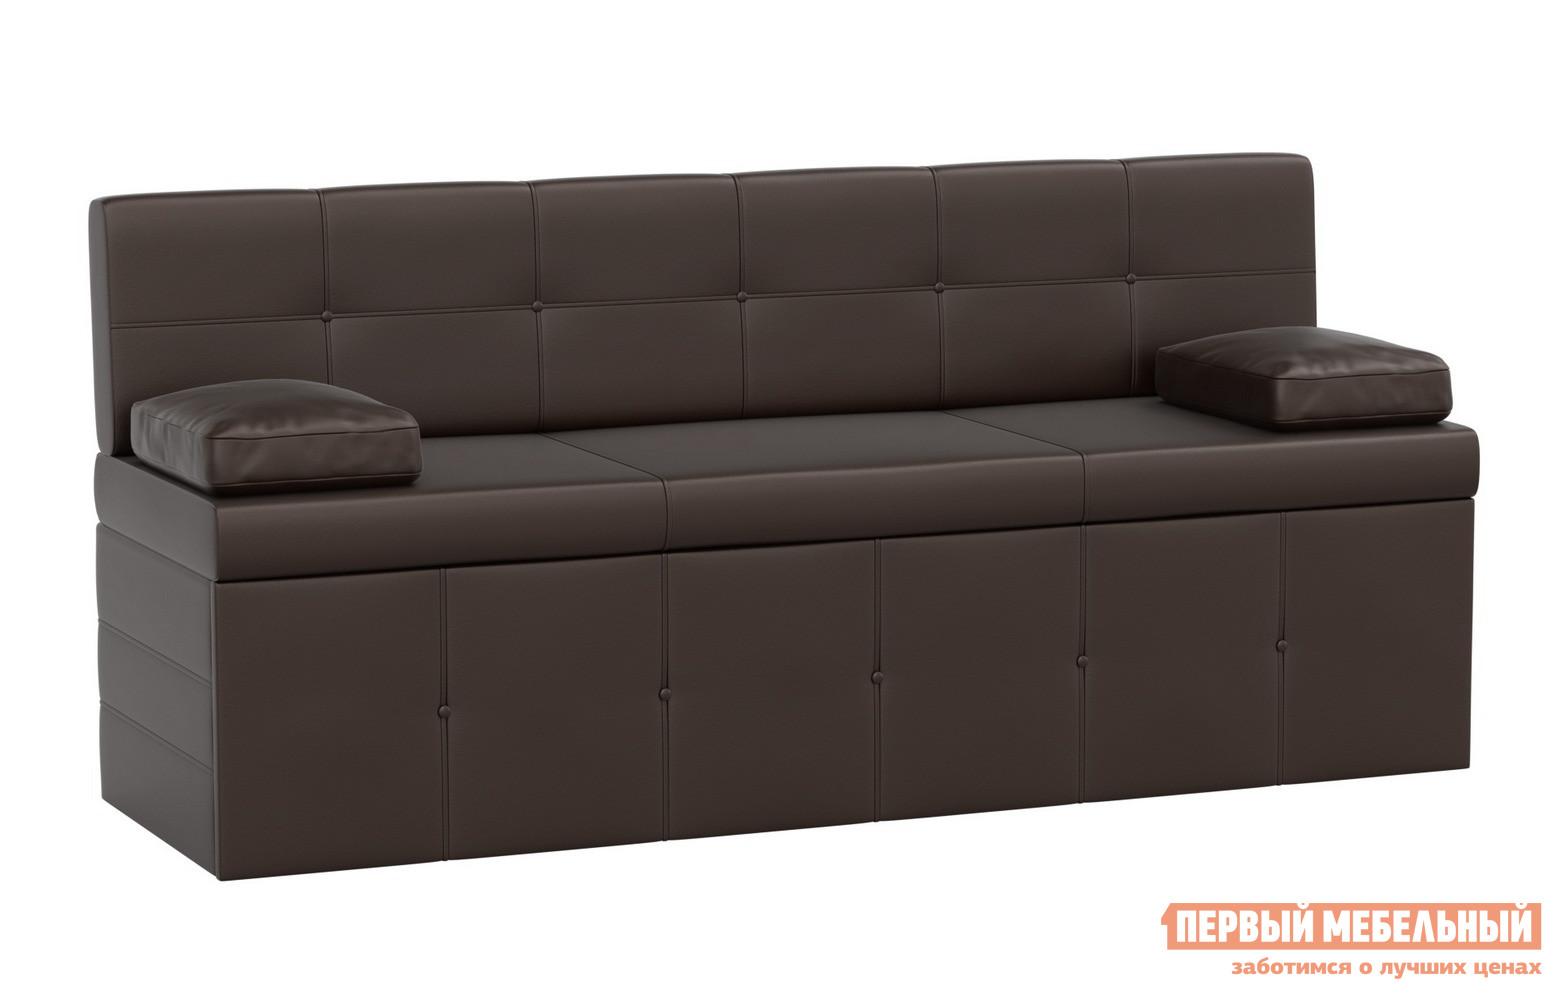 Прямой узкий кухонный диван со спальным местом Мебелико Кухонный диван Лео